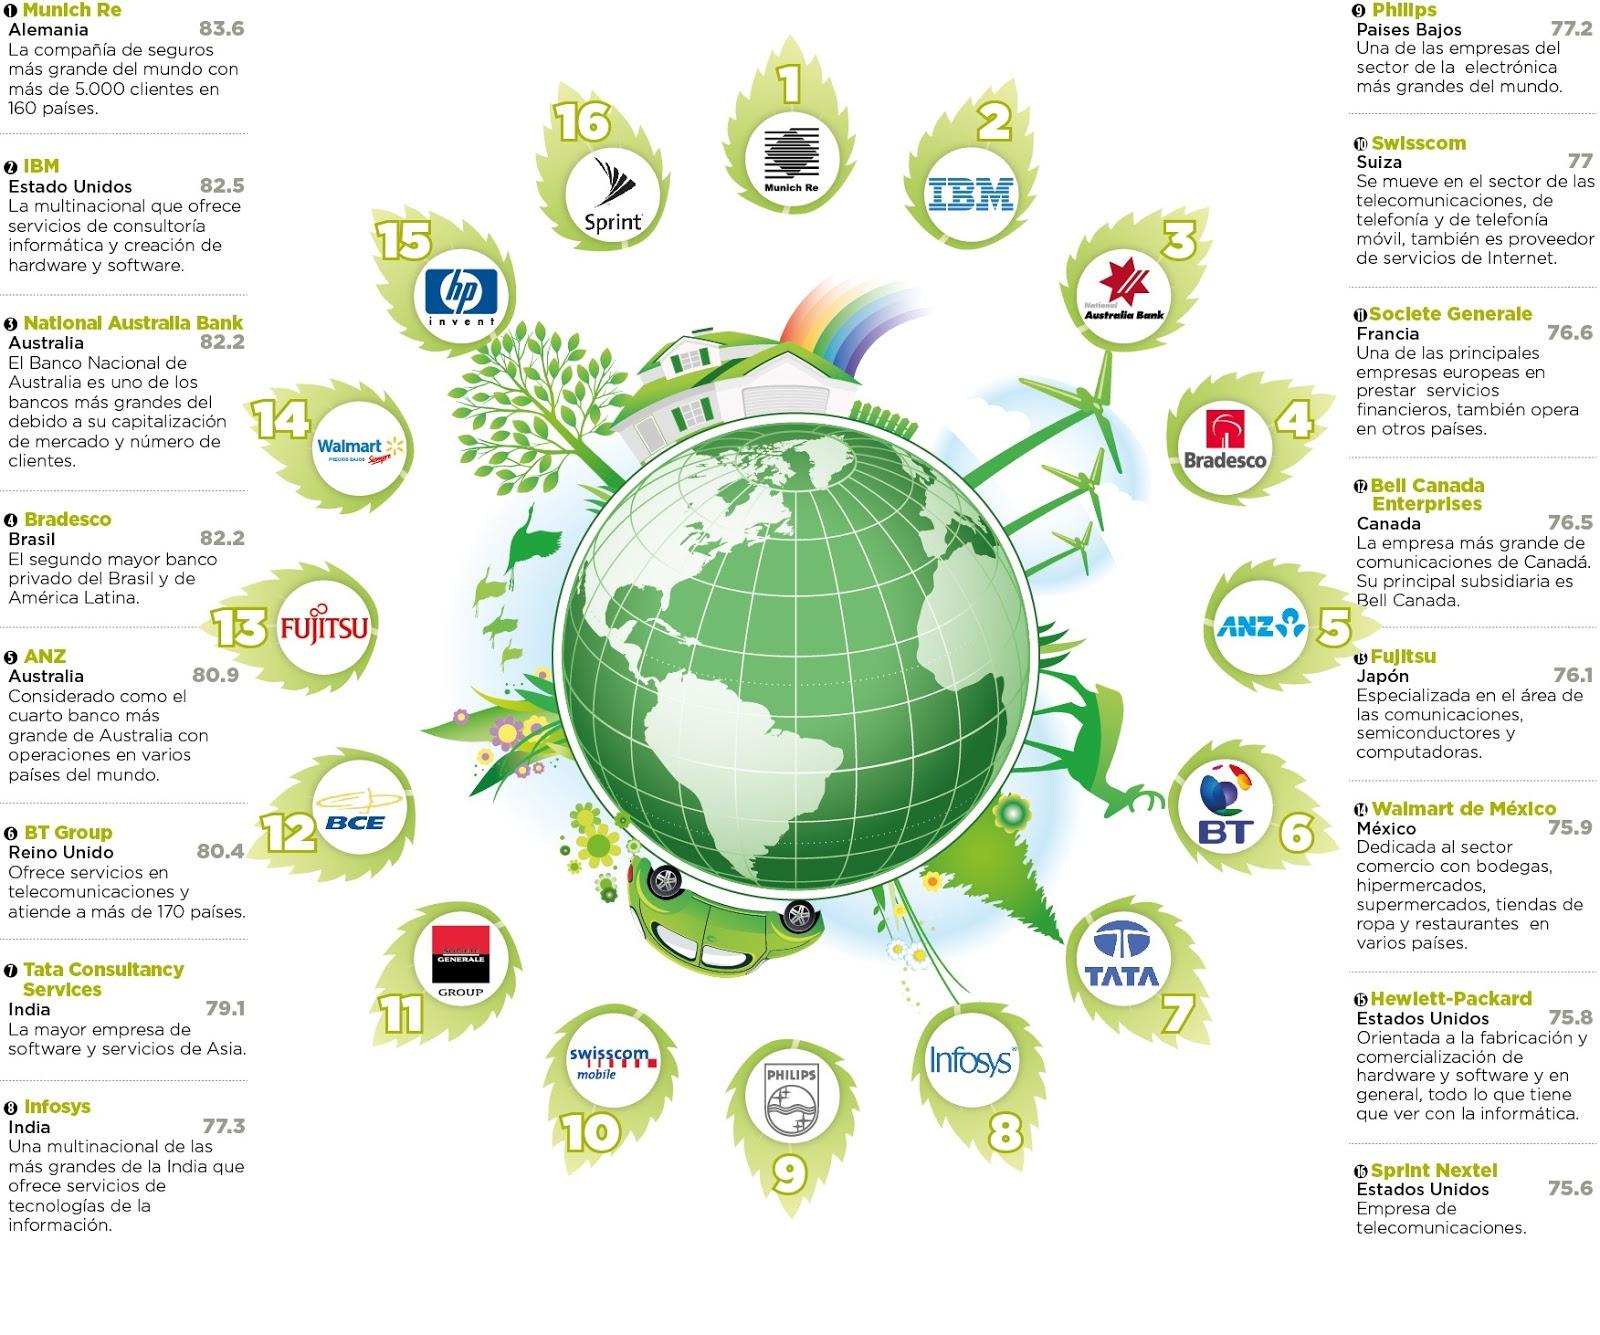 marketing ecológico Request (pdf) | marketing ecológico | obra que plantea la necesidad de incorporar al plan mercadotécnico la consideración del impacto ambiental (del producto o servicio), estrategias incluidas para la conservación y protección ecológica.